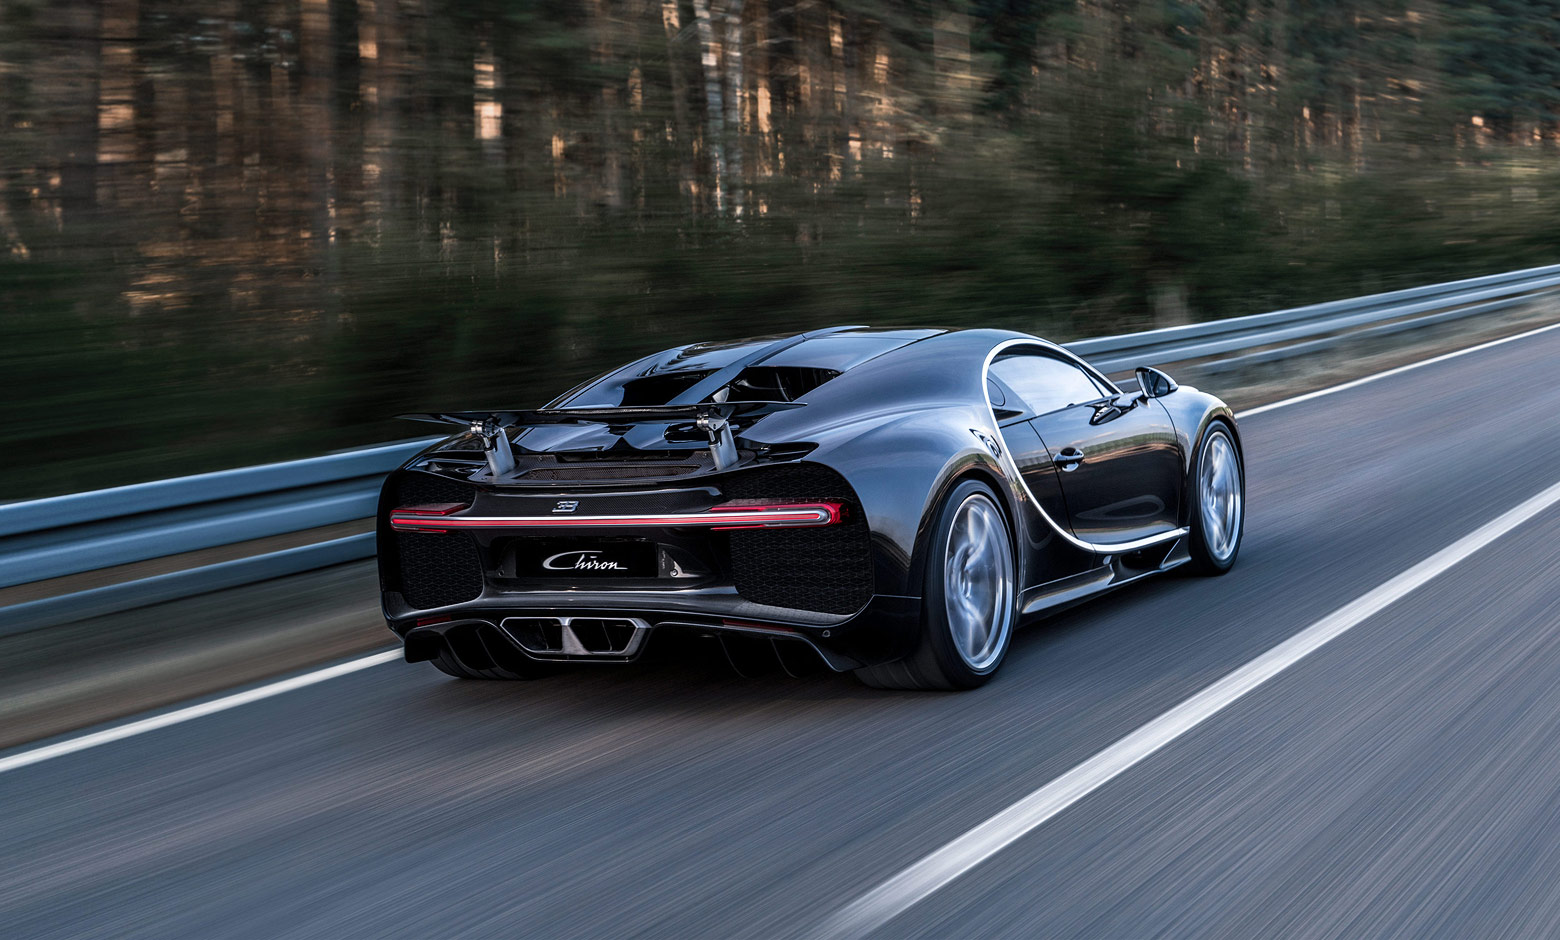 8 Άκου τα 1500 άλογα και θαύμασε την Bugatti Chiron Bugatti, Bugatti Chiron, Car sound, hypercar, supercars, top speed, videos